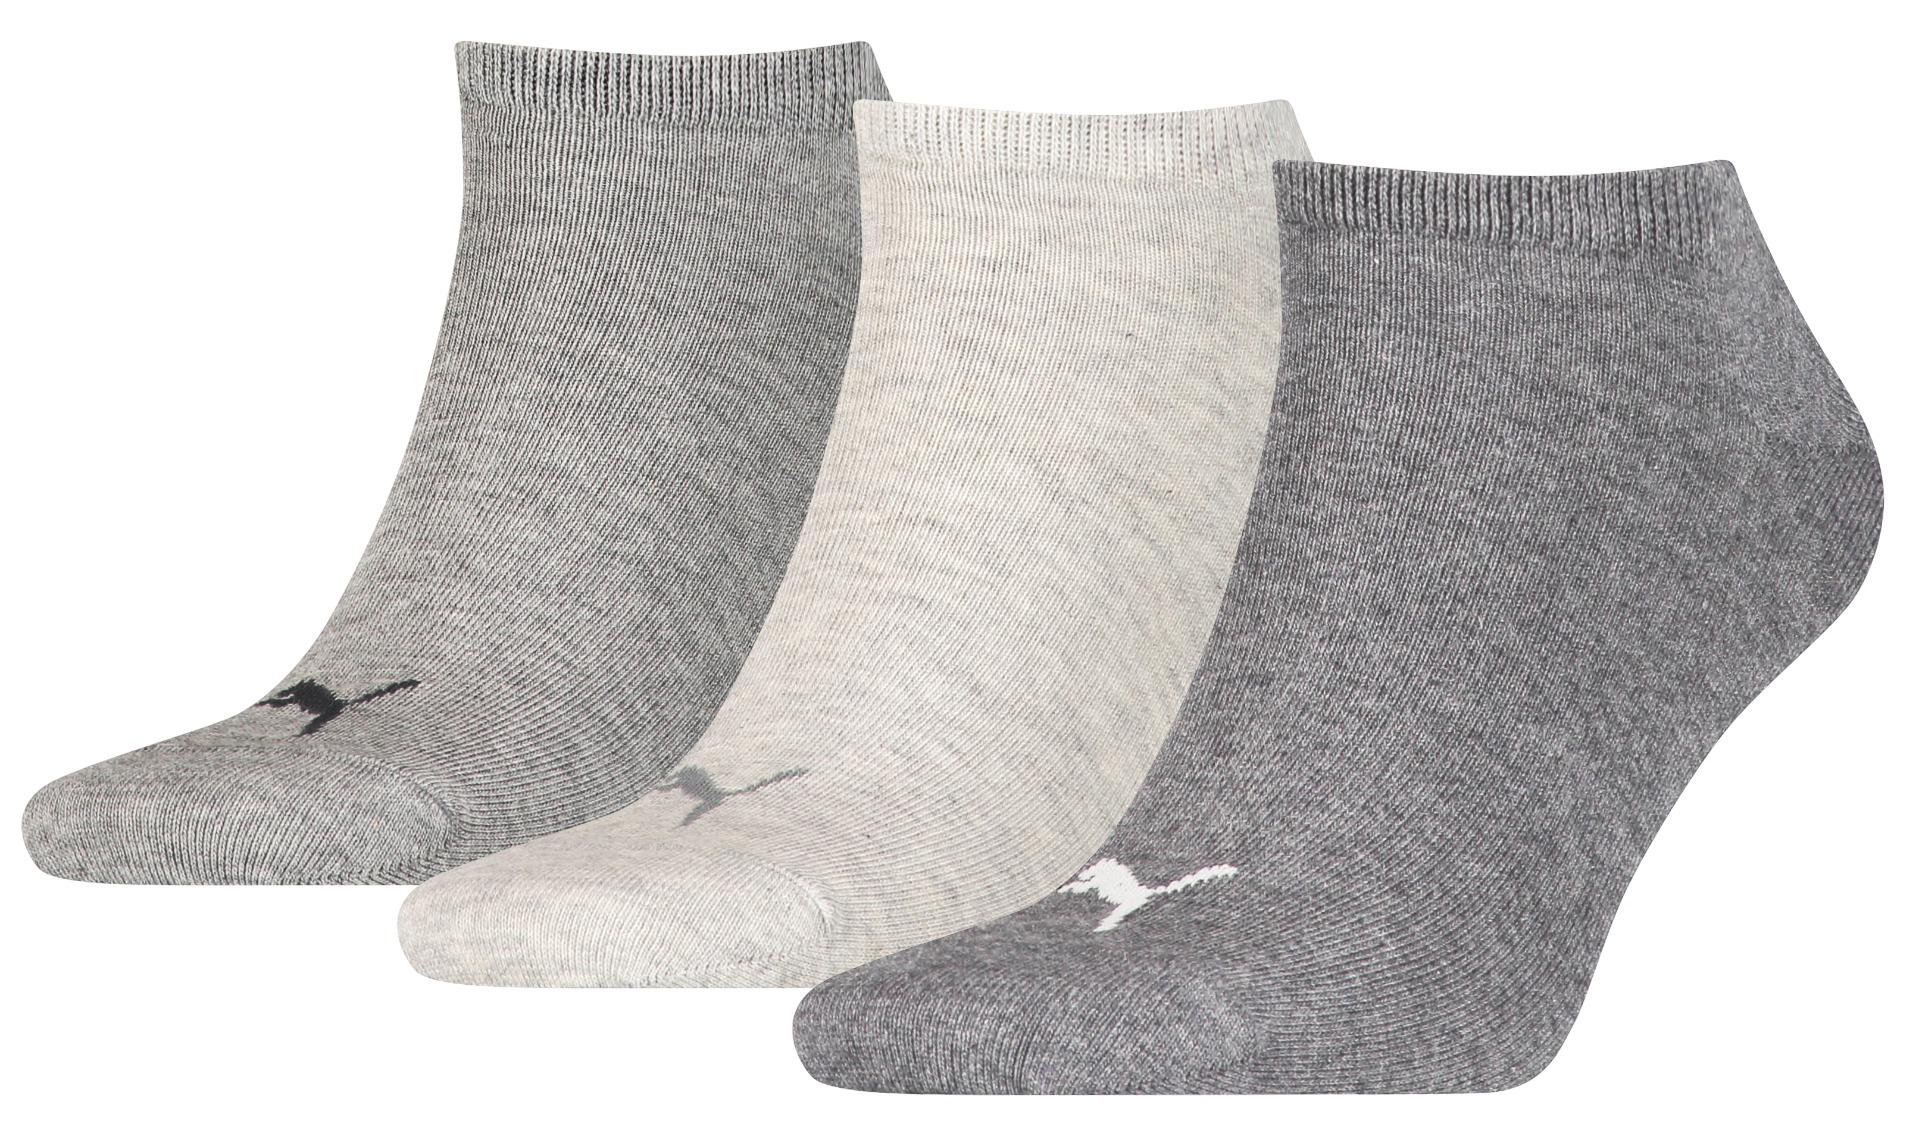 sneakersokken van zacht katoen-39/42-Light grey melange